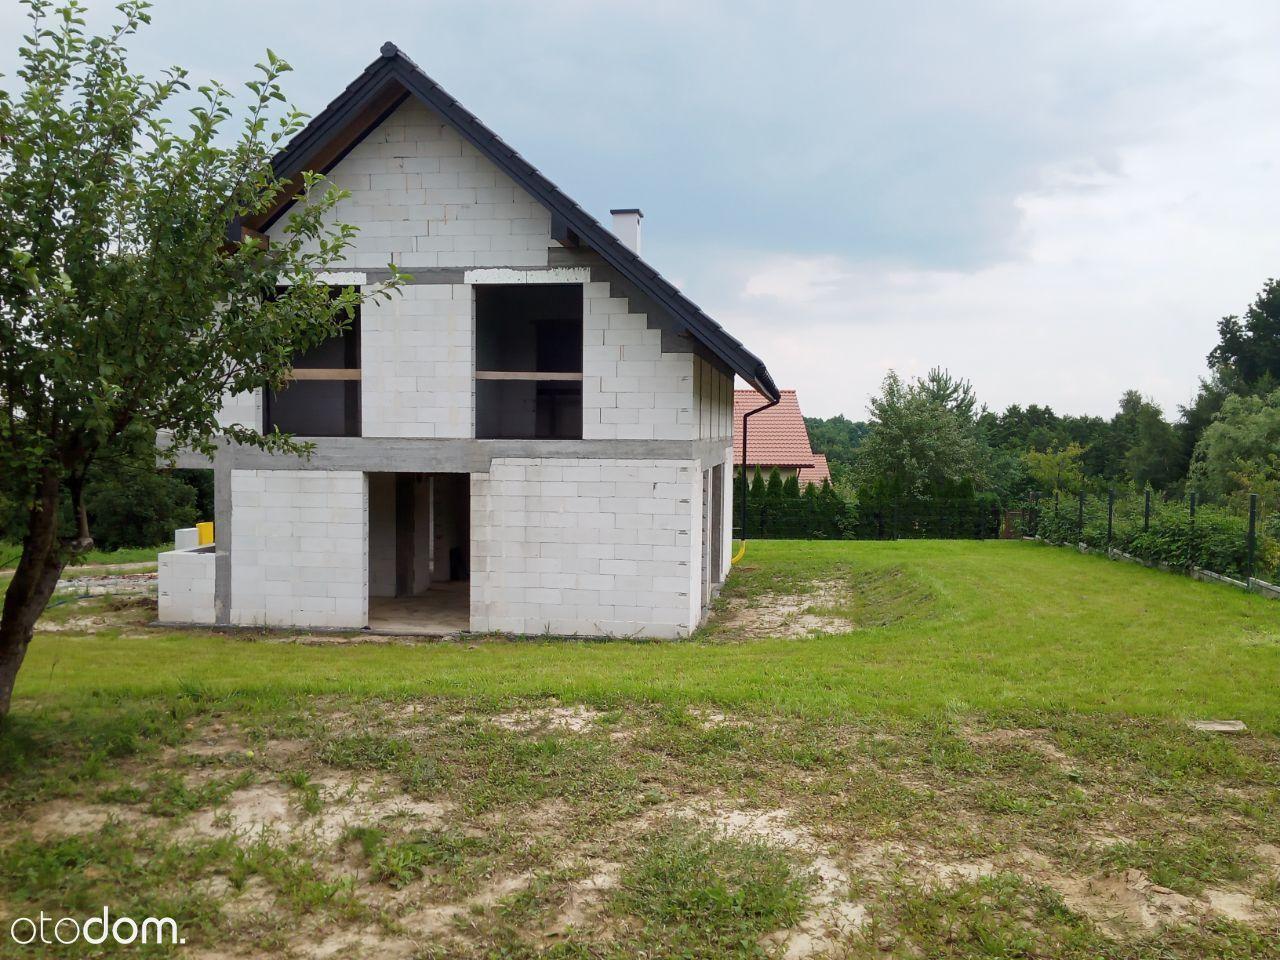 Dom wolnostojący Lednica górna/Wieliczka